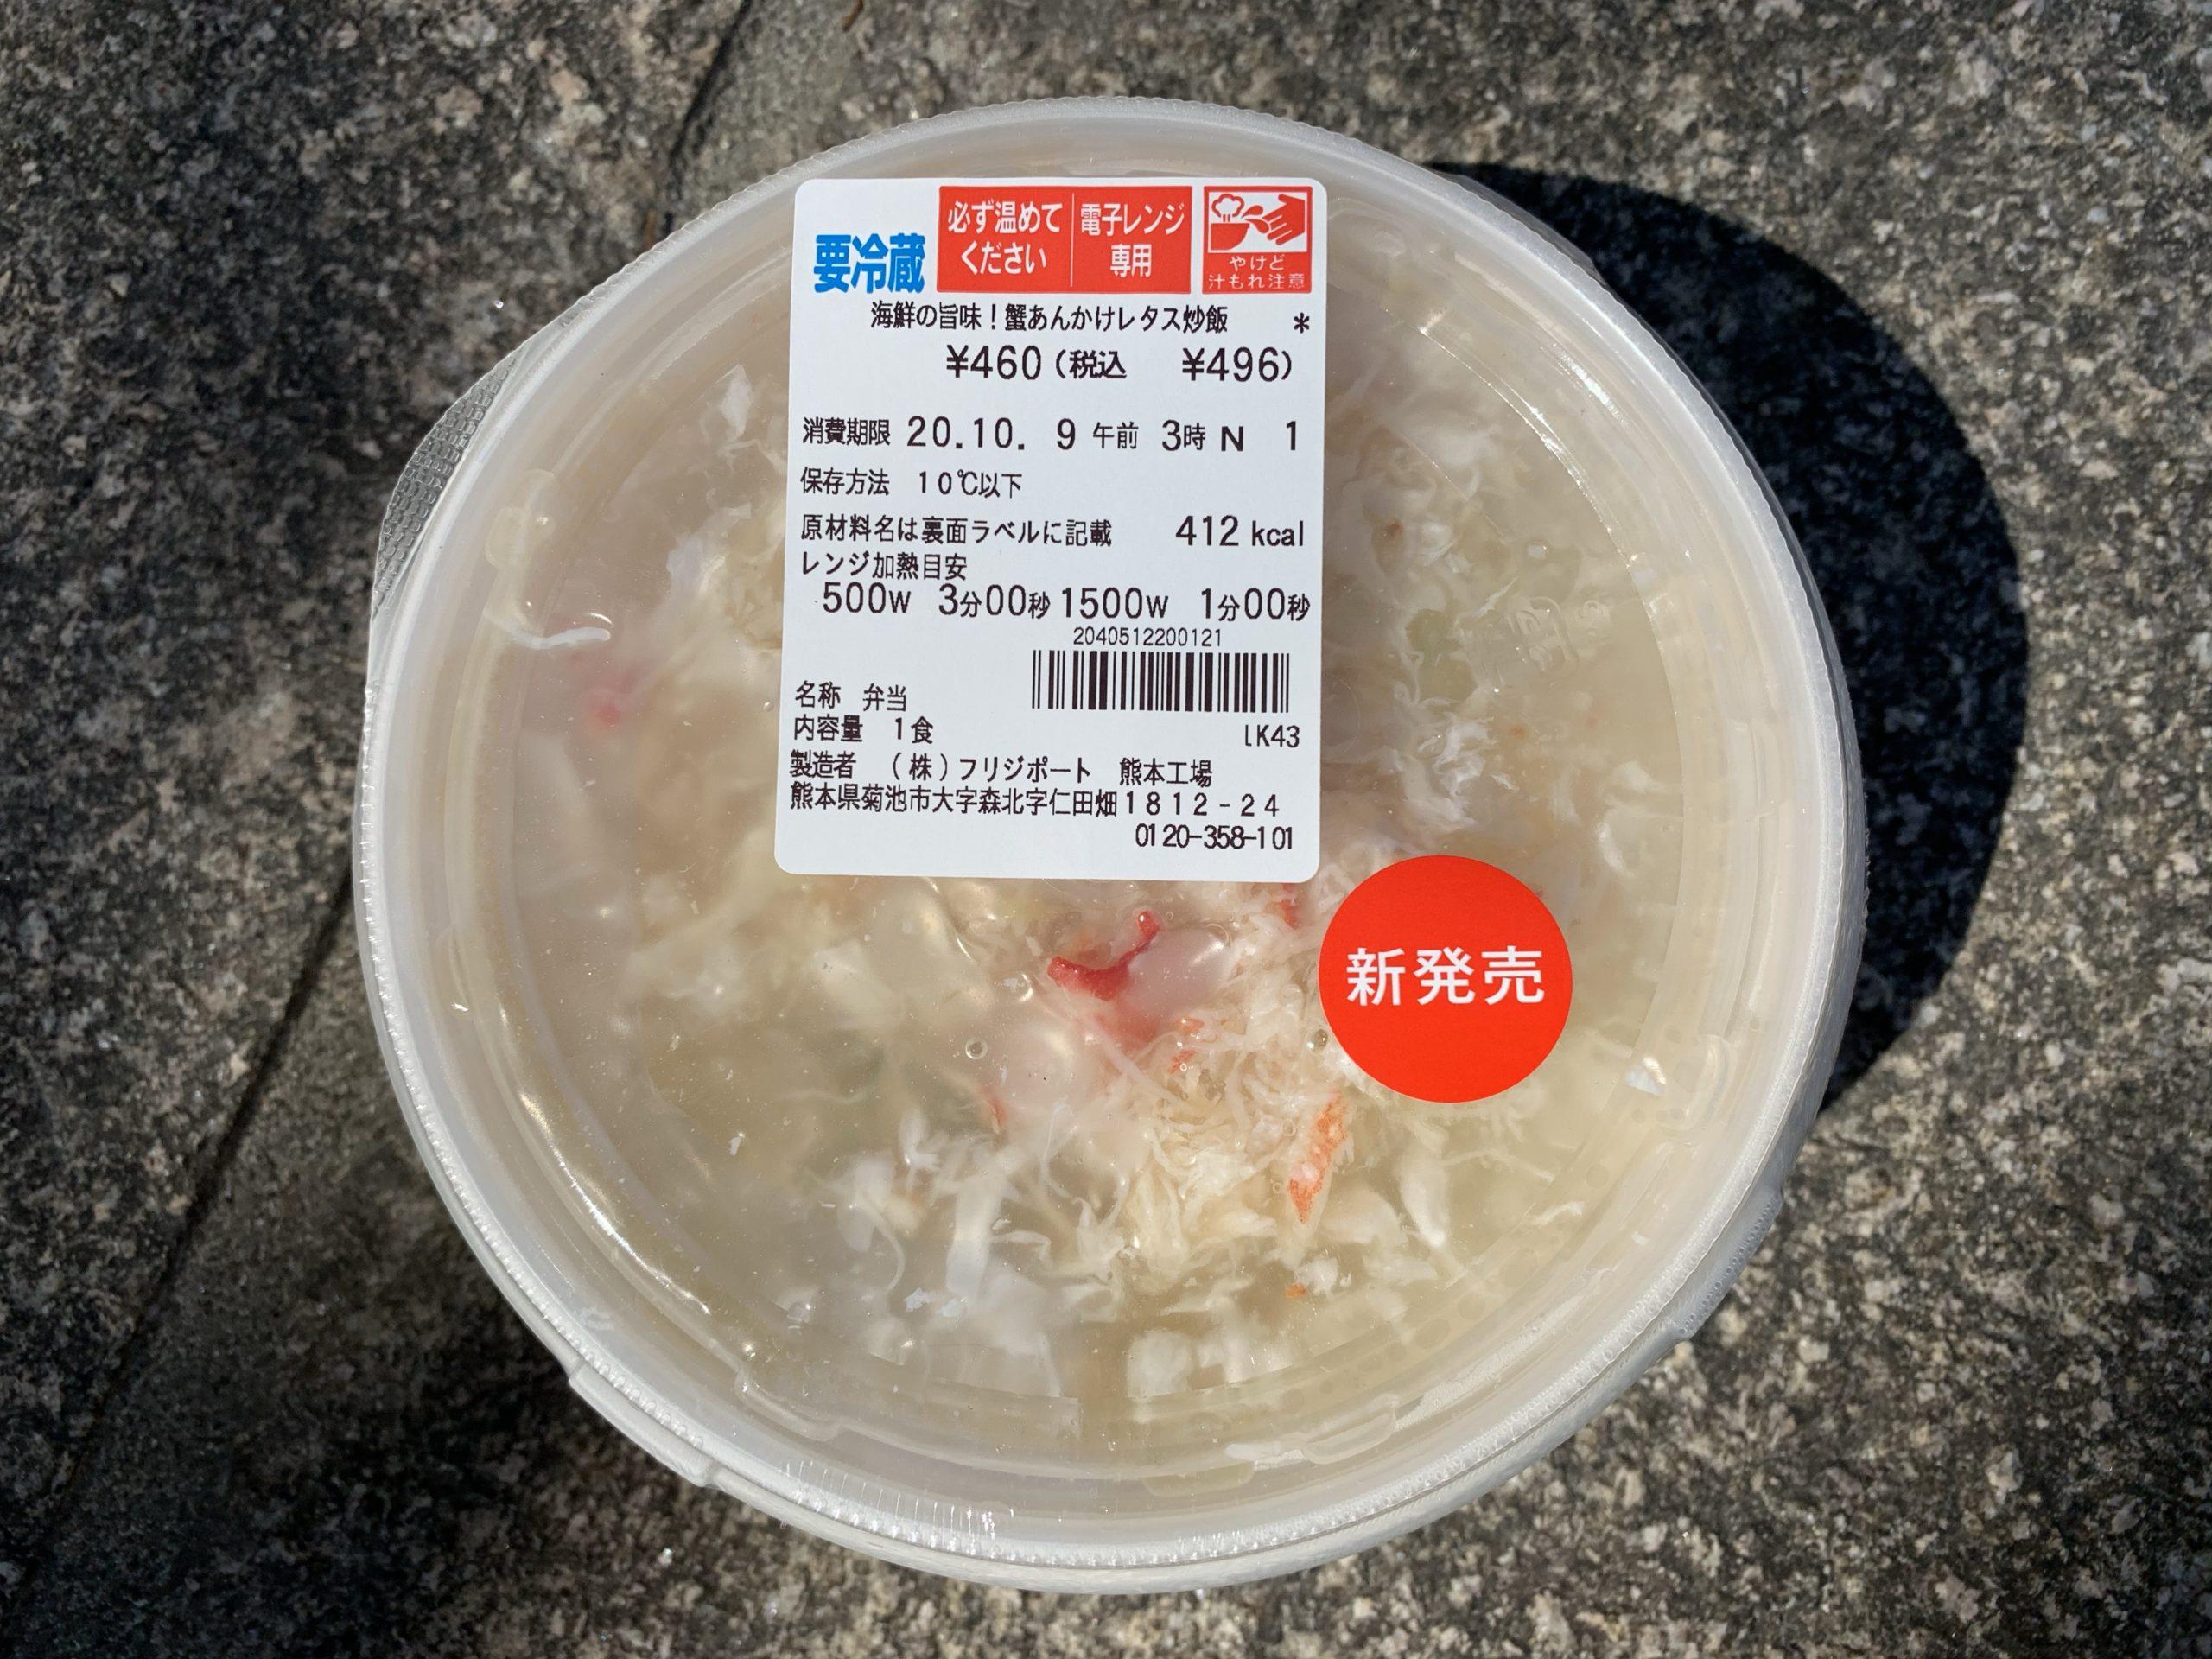 蟹あんかけレタス炒飯の紹介!